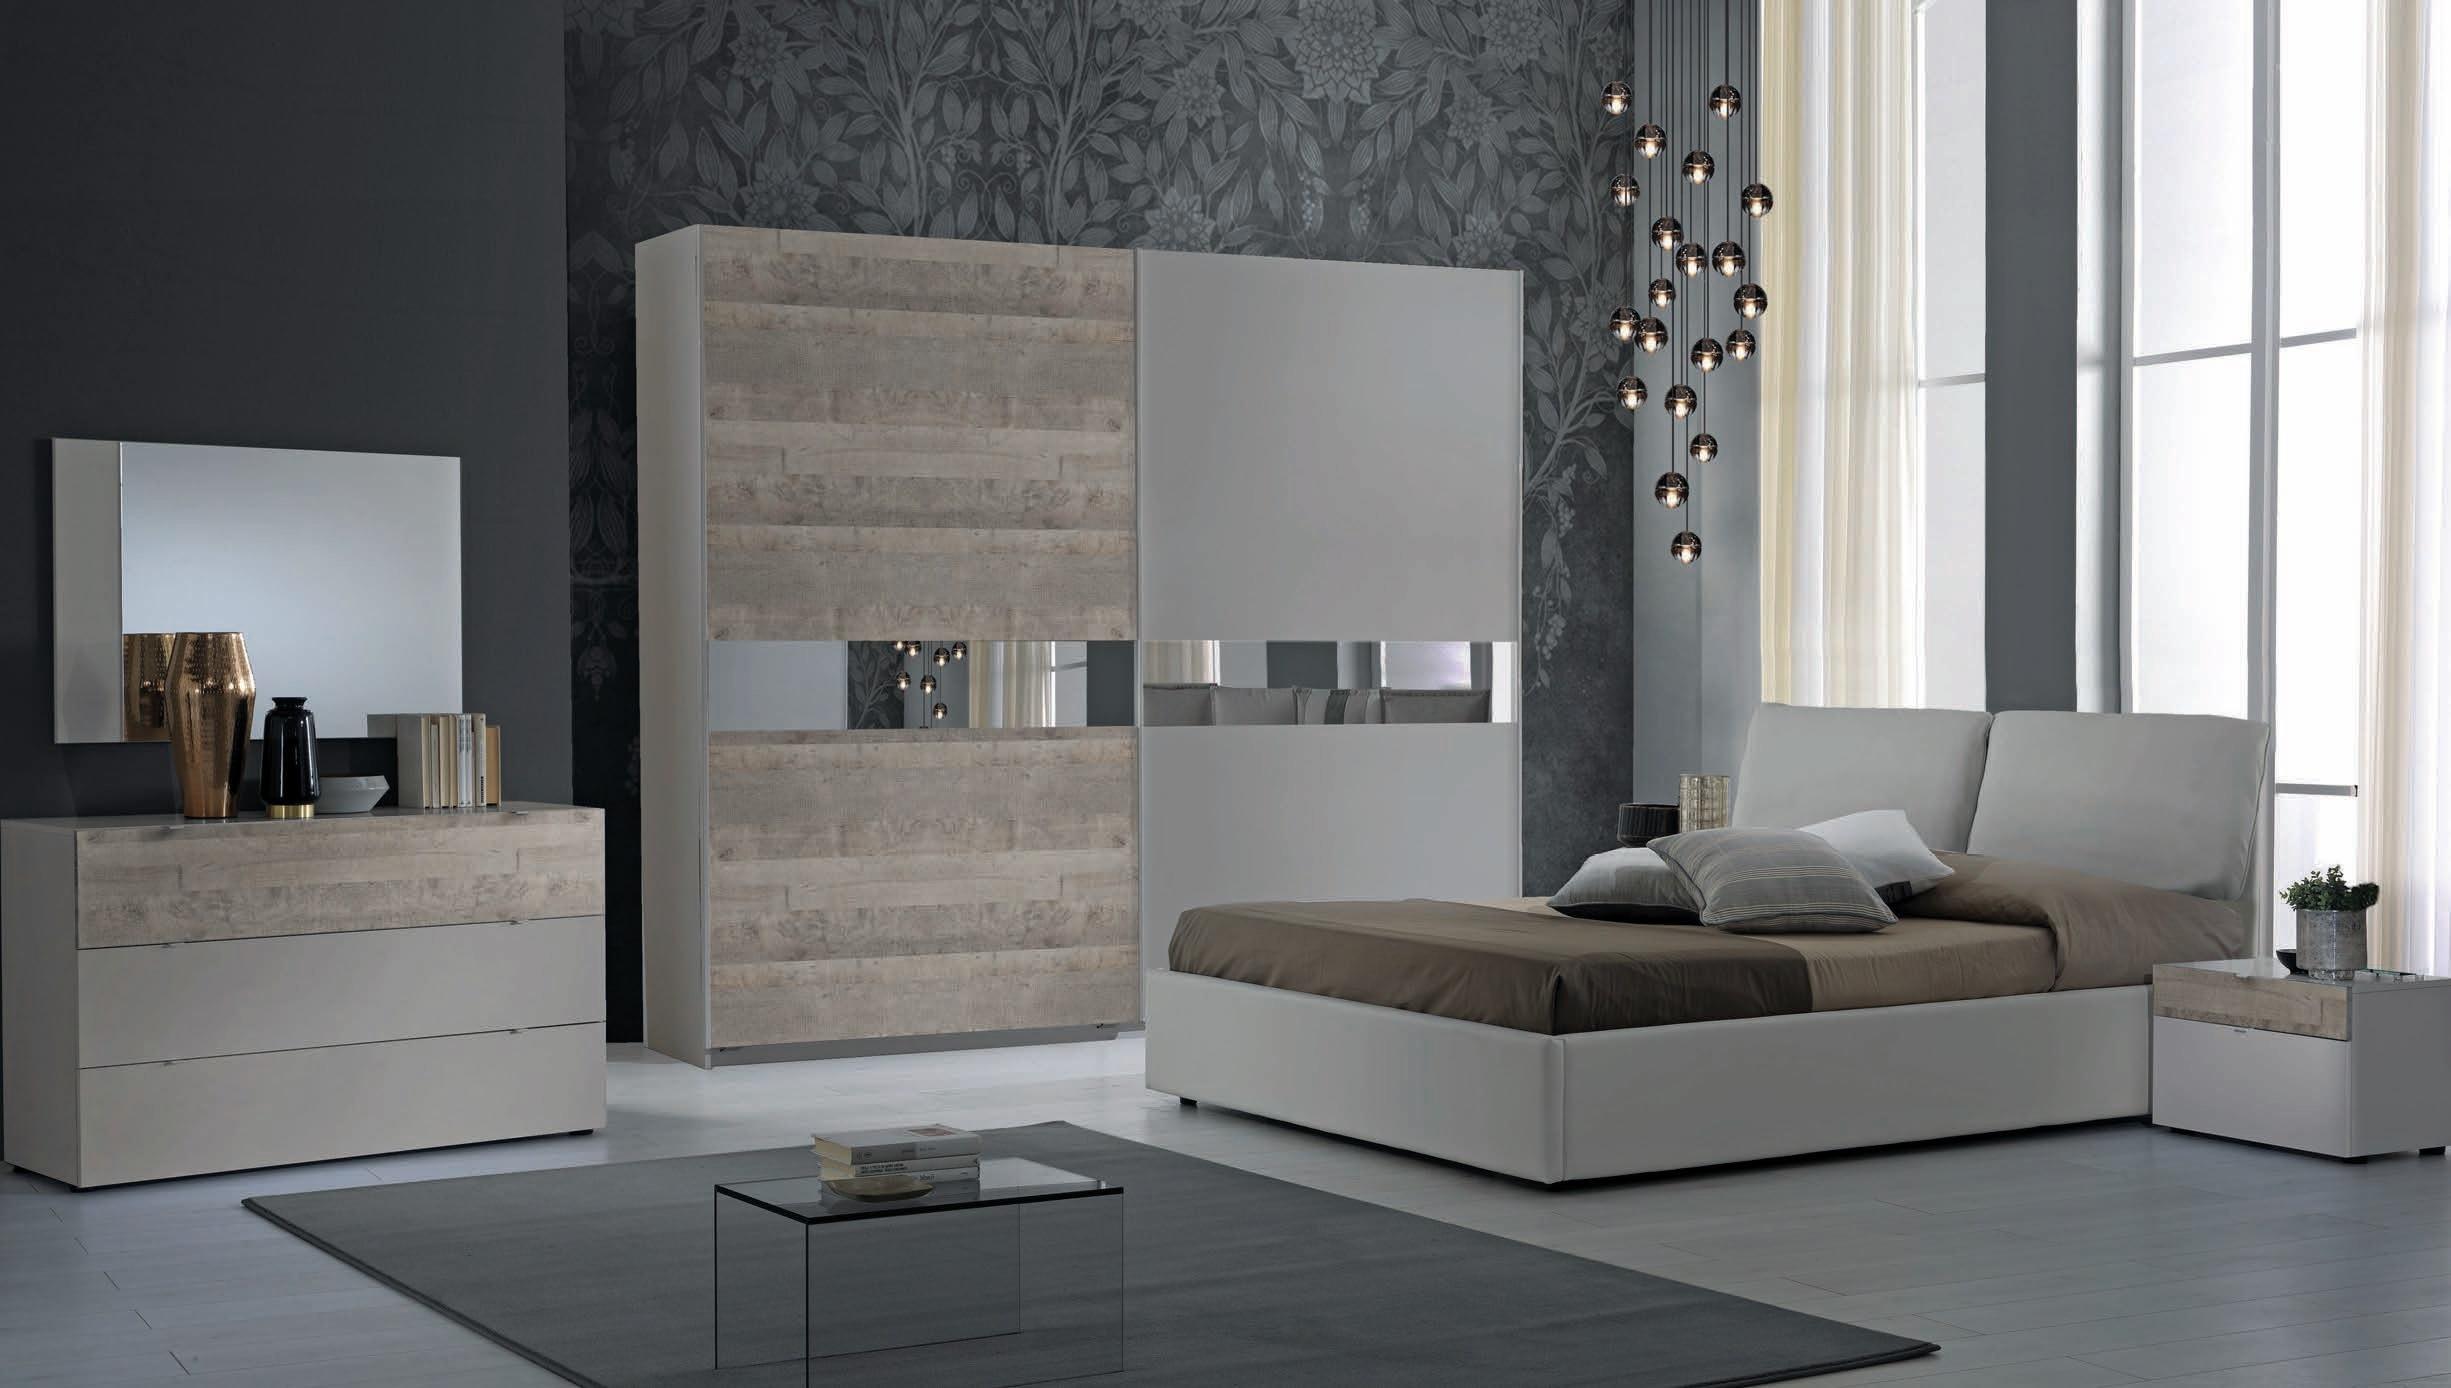 Schlafzimmer Serie Agata in Grau/Buche 180x200